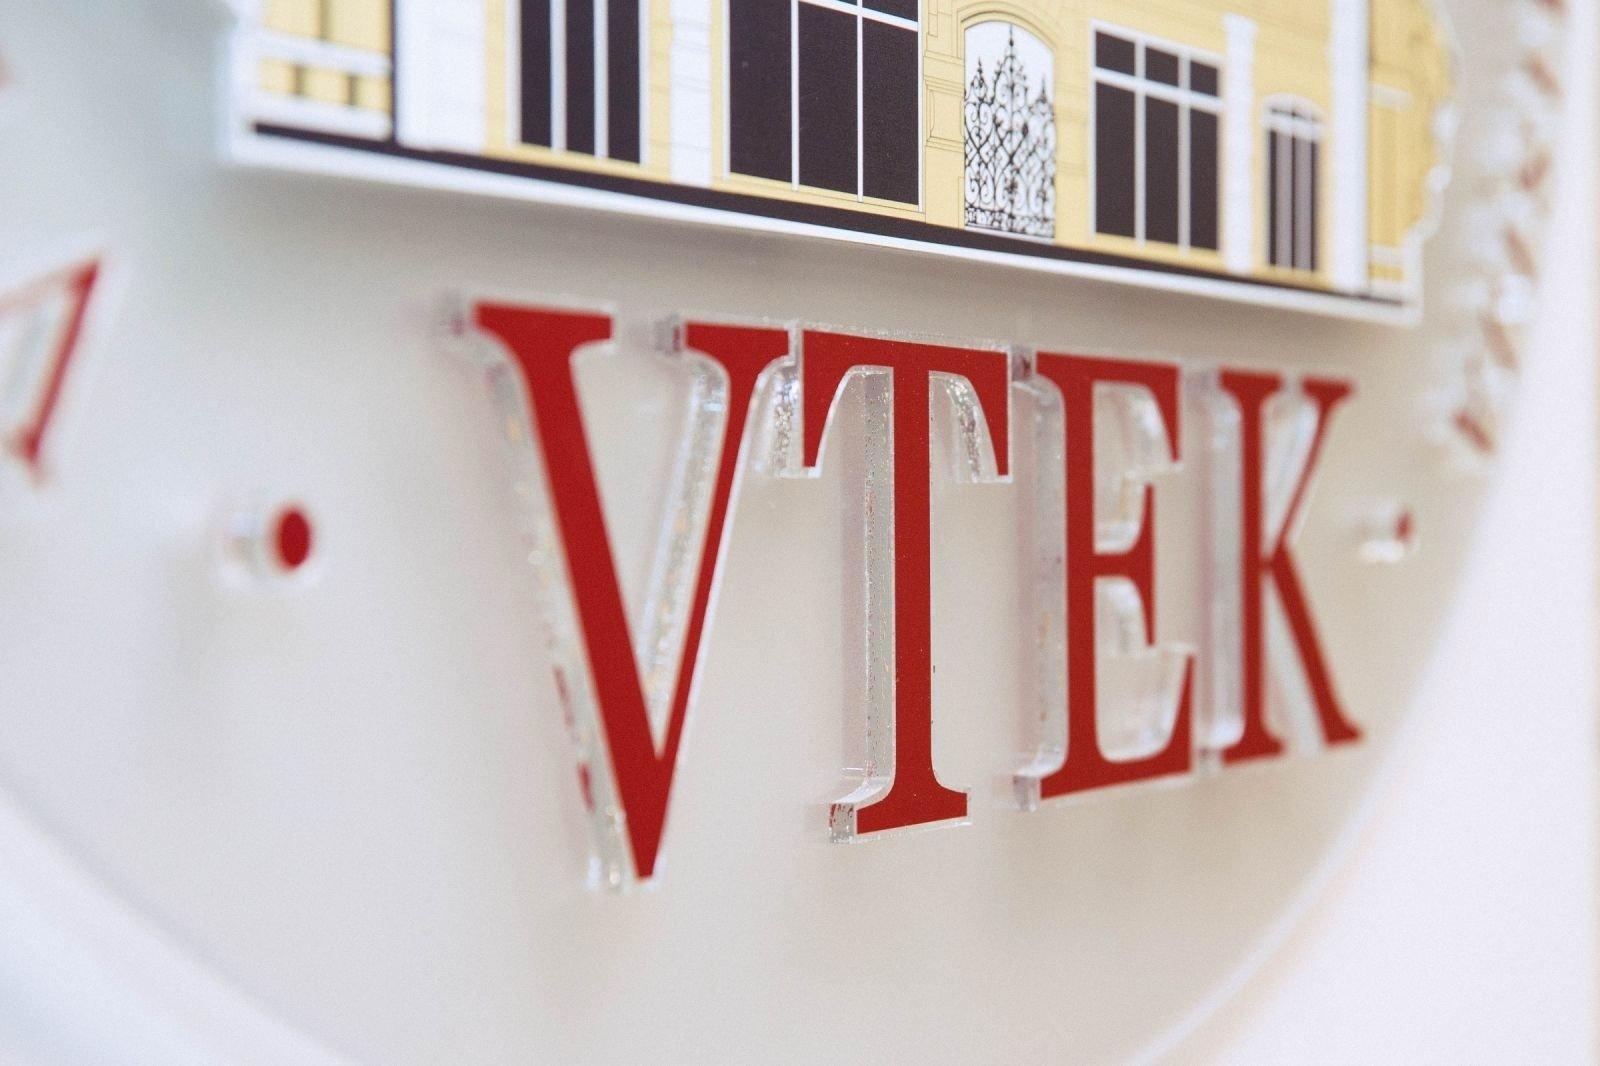 VTEK nusprendė tirti Kėdainių rajono savivaldybės tarybos narių P. Aukštikalnio ir N. Naujokienės elgesį